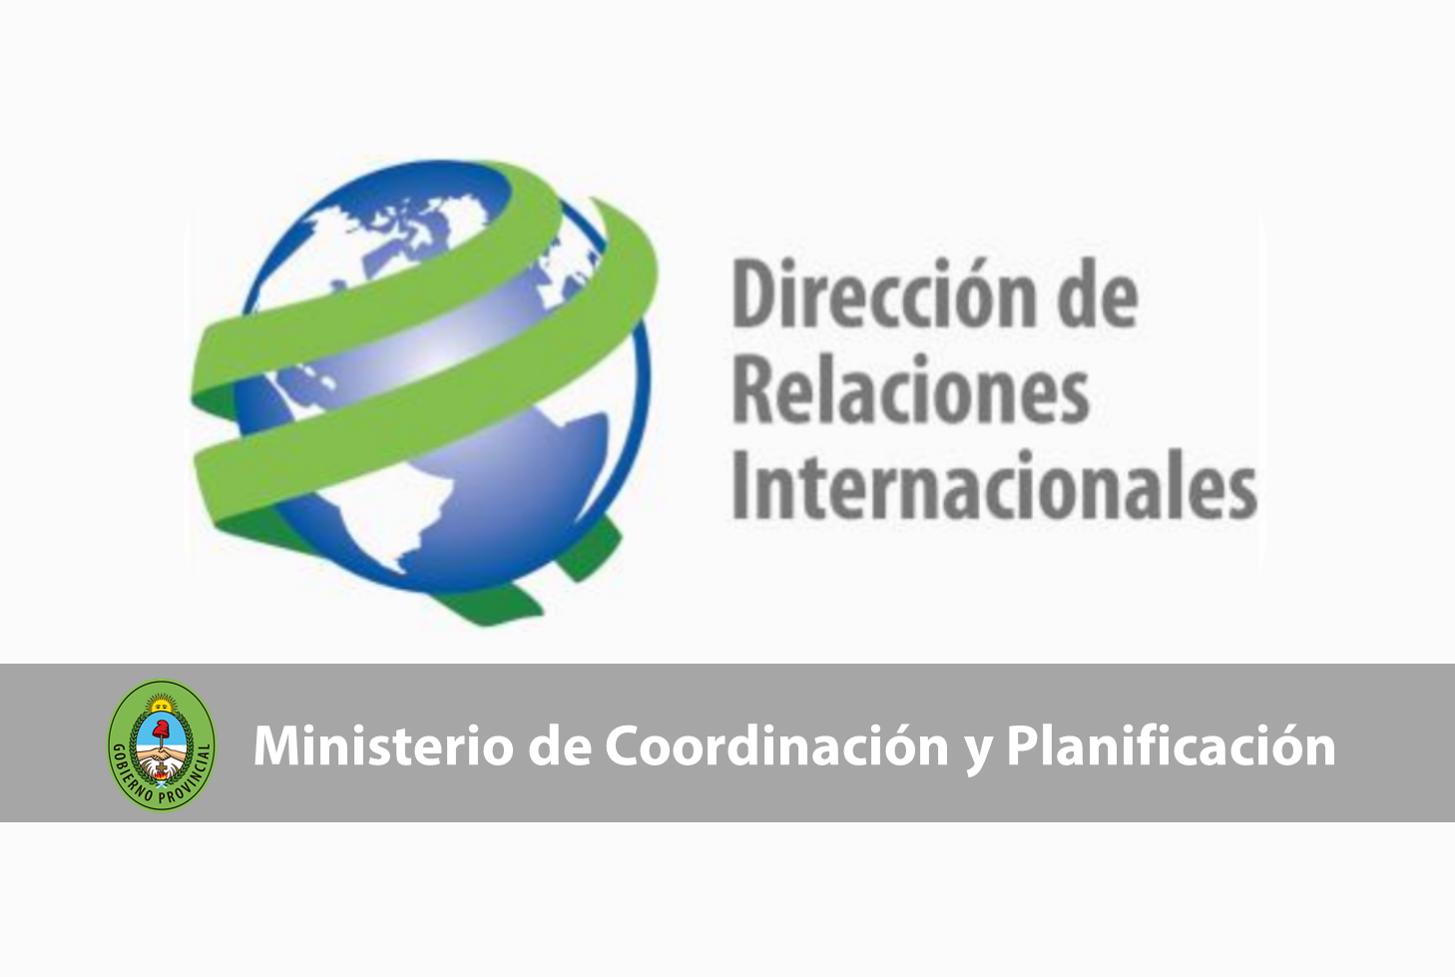  Embajada de Nueva Zelandia: Fondos para Argentina y Paraguay